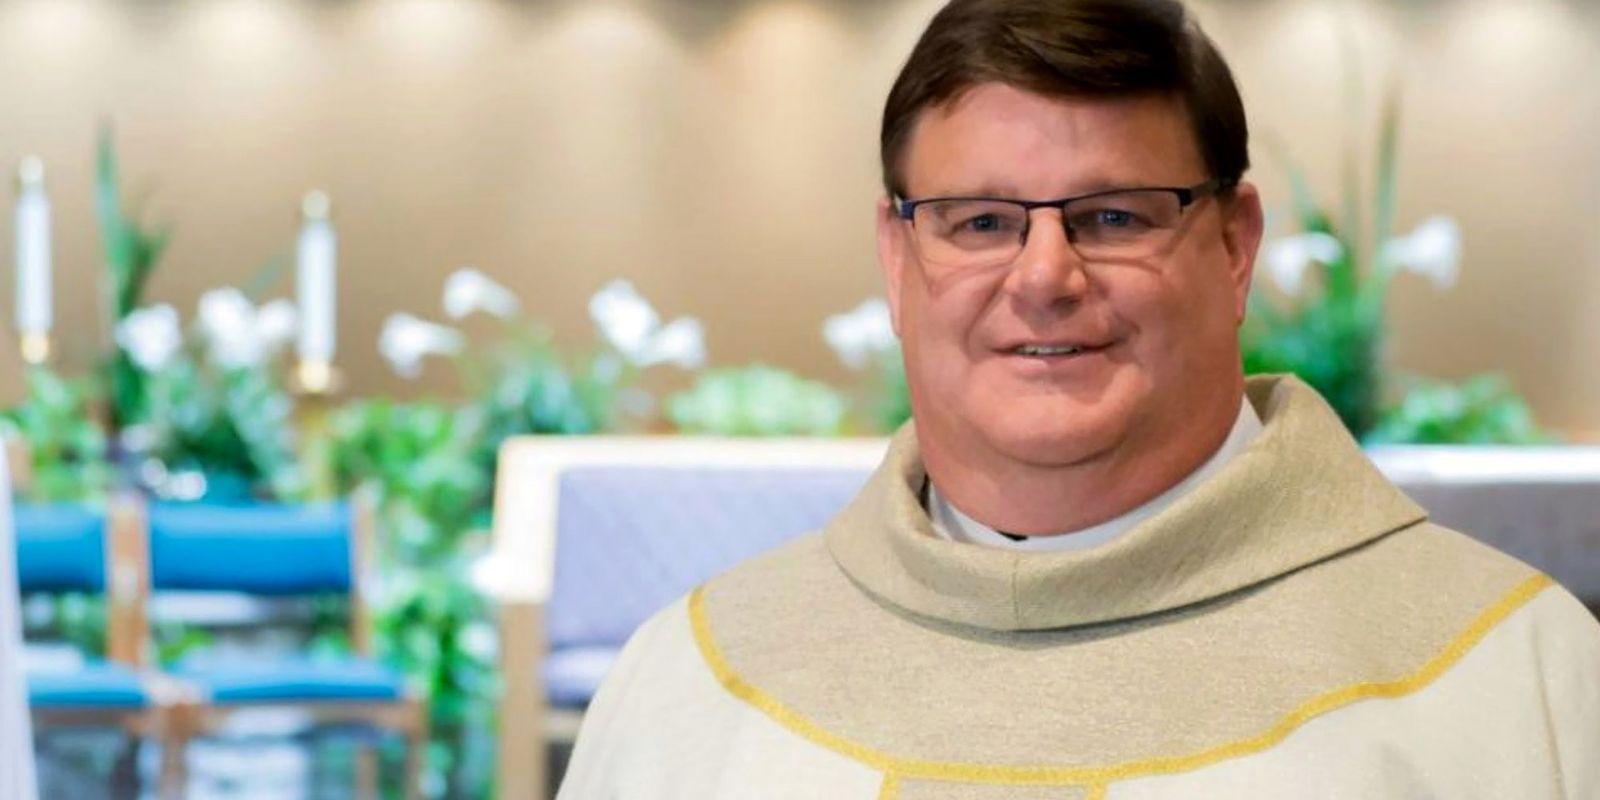 trump trolled priest